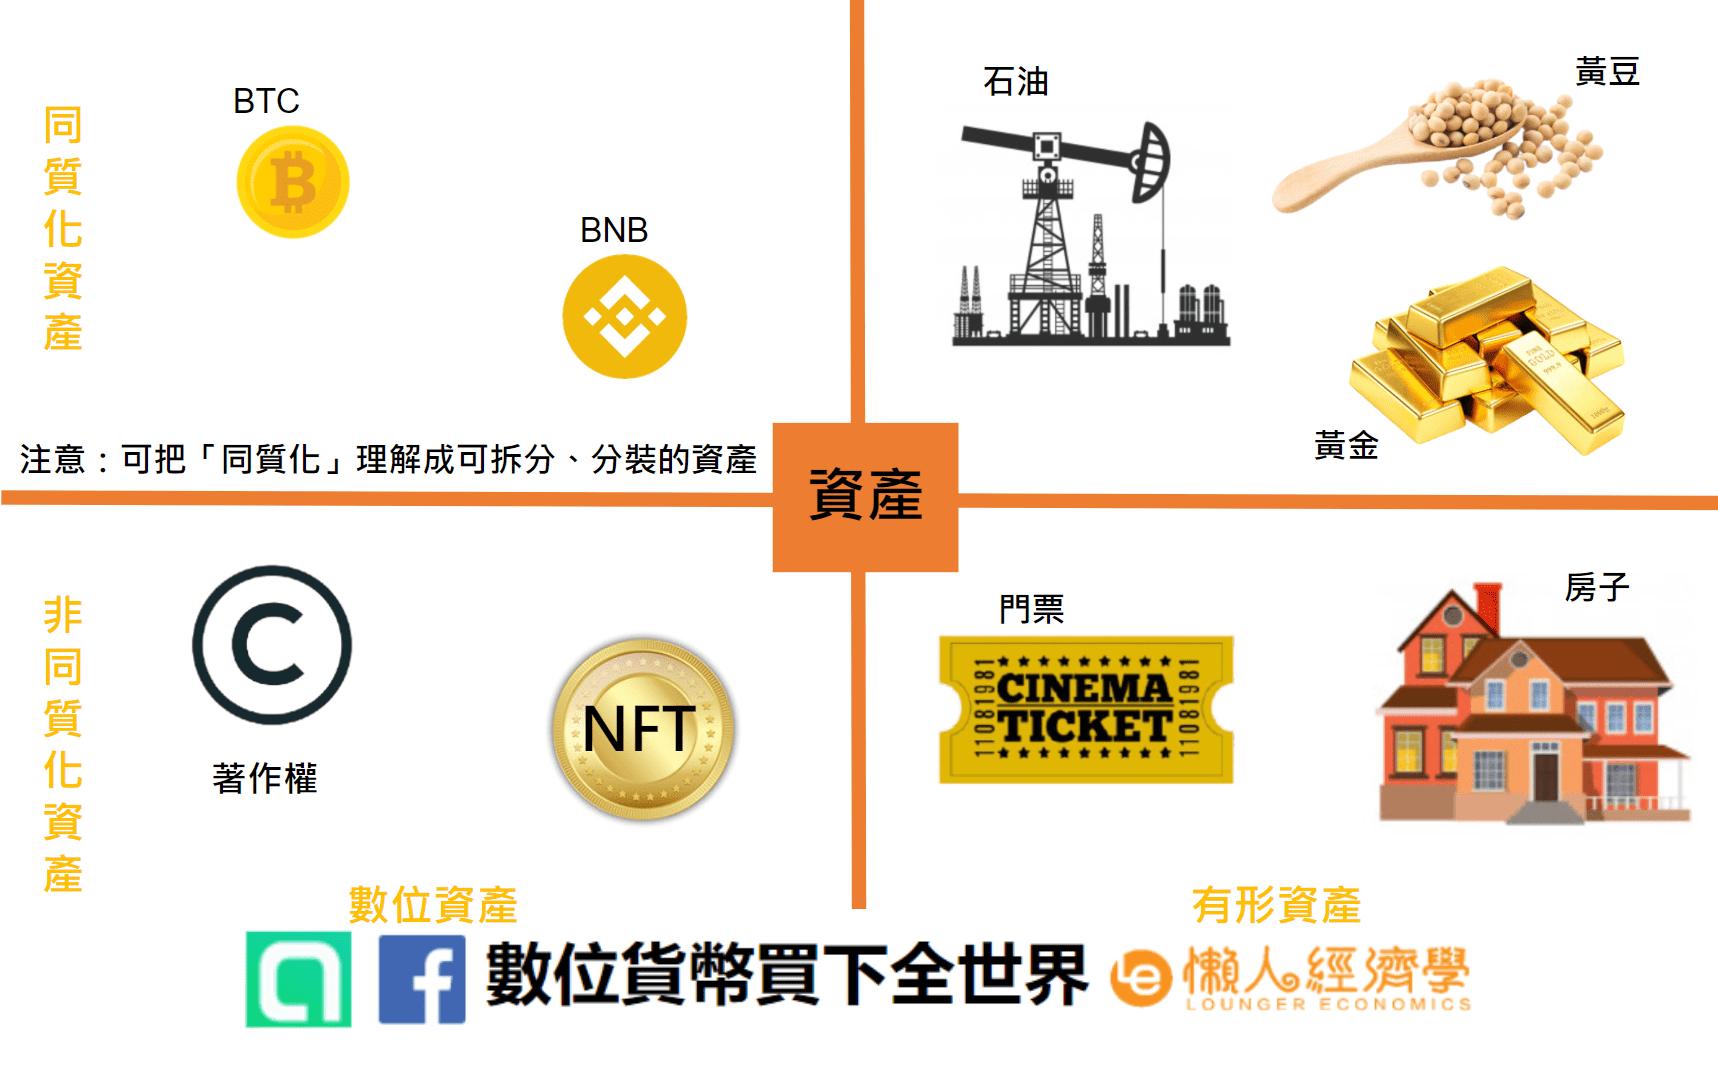 什麼是NFT?在區塊鏈的世界中,代幣的種類分為同質化代幣和非同質化代幣,而其中人們較常聽到的比特幣就是屬於同質化代幣